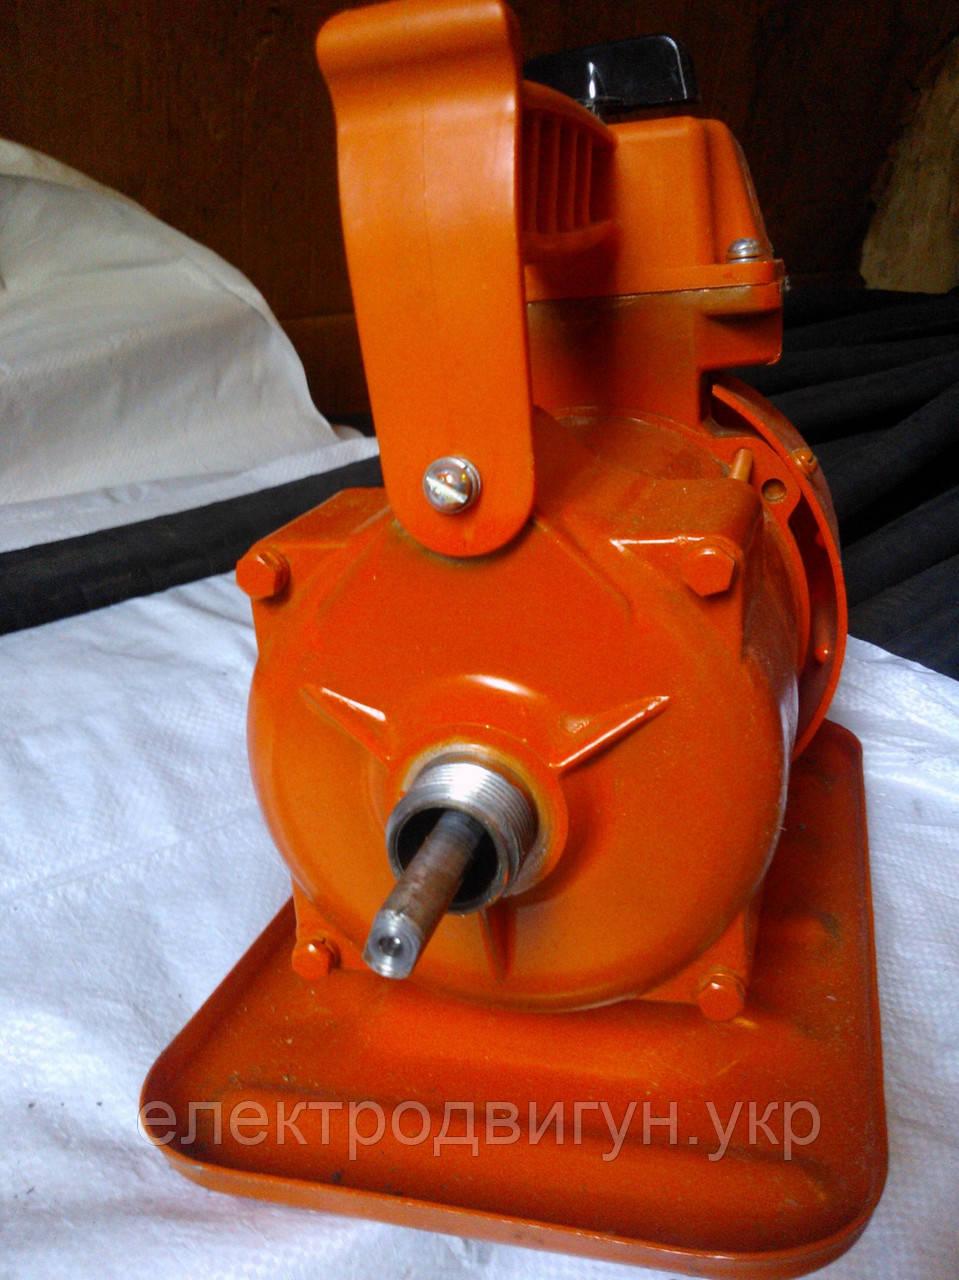 Електродвигун для глибинного вібратора ІВ-116А